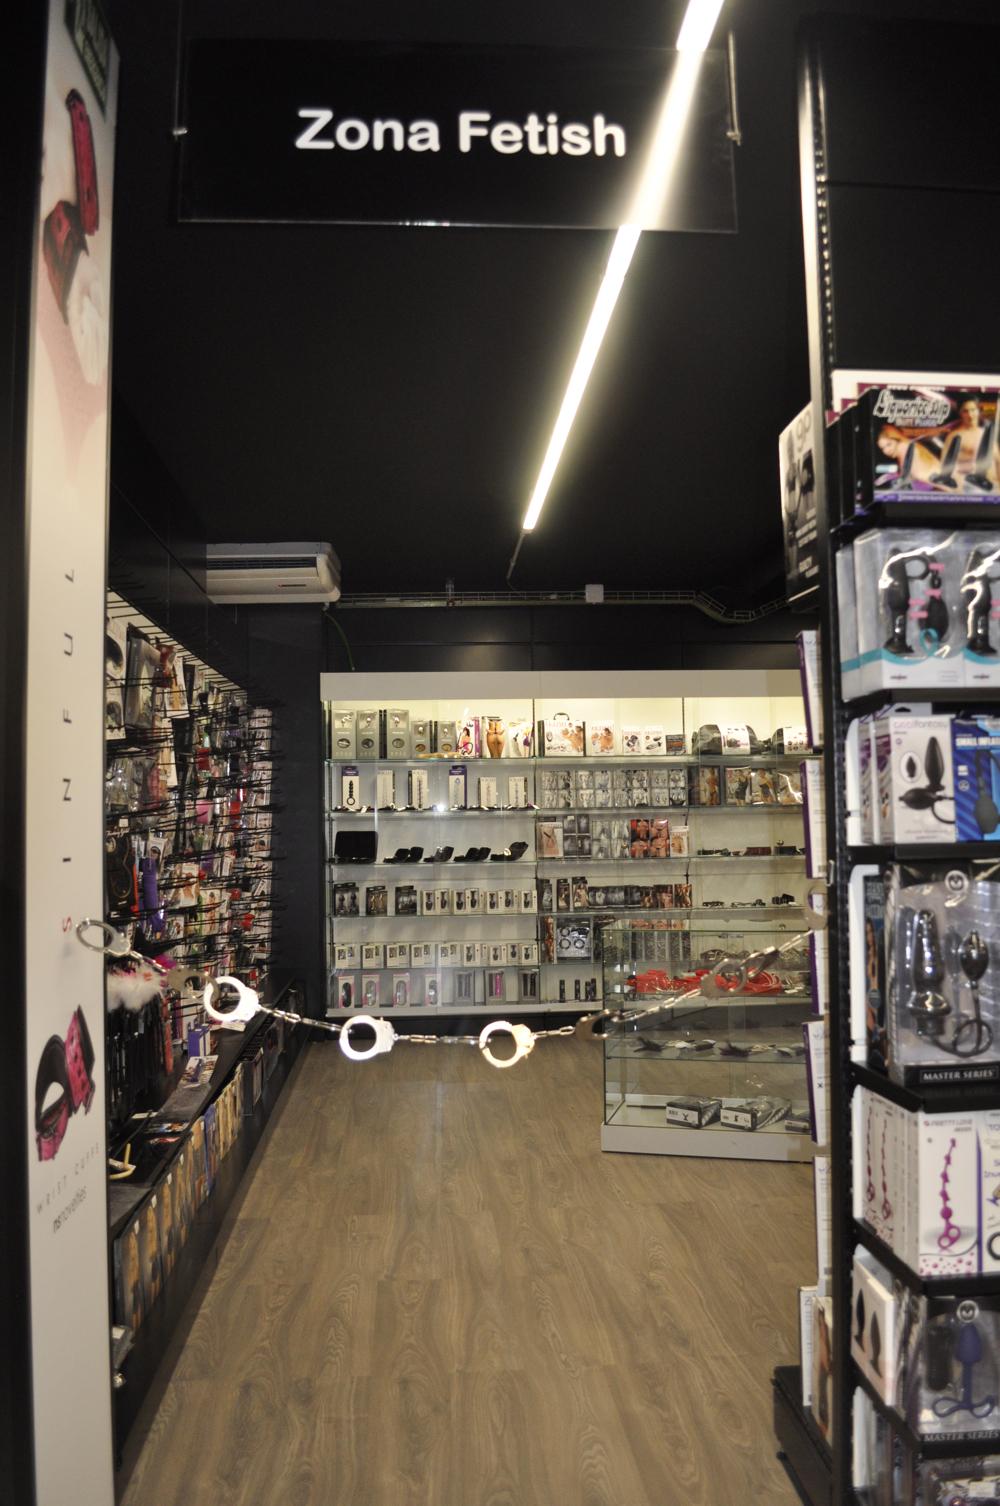 Alicante estrena 'Sex Toys Center', su primer supermercado erótico en ESTILO DE VIDA